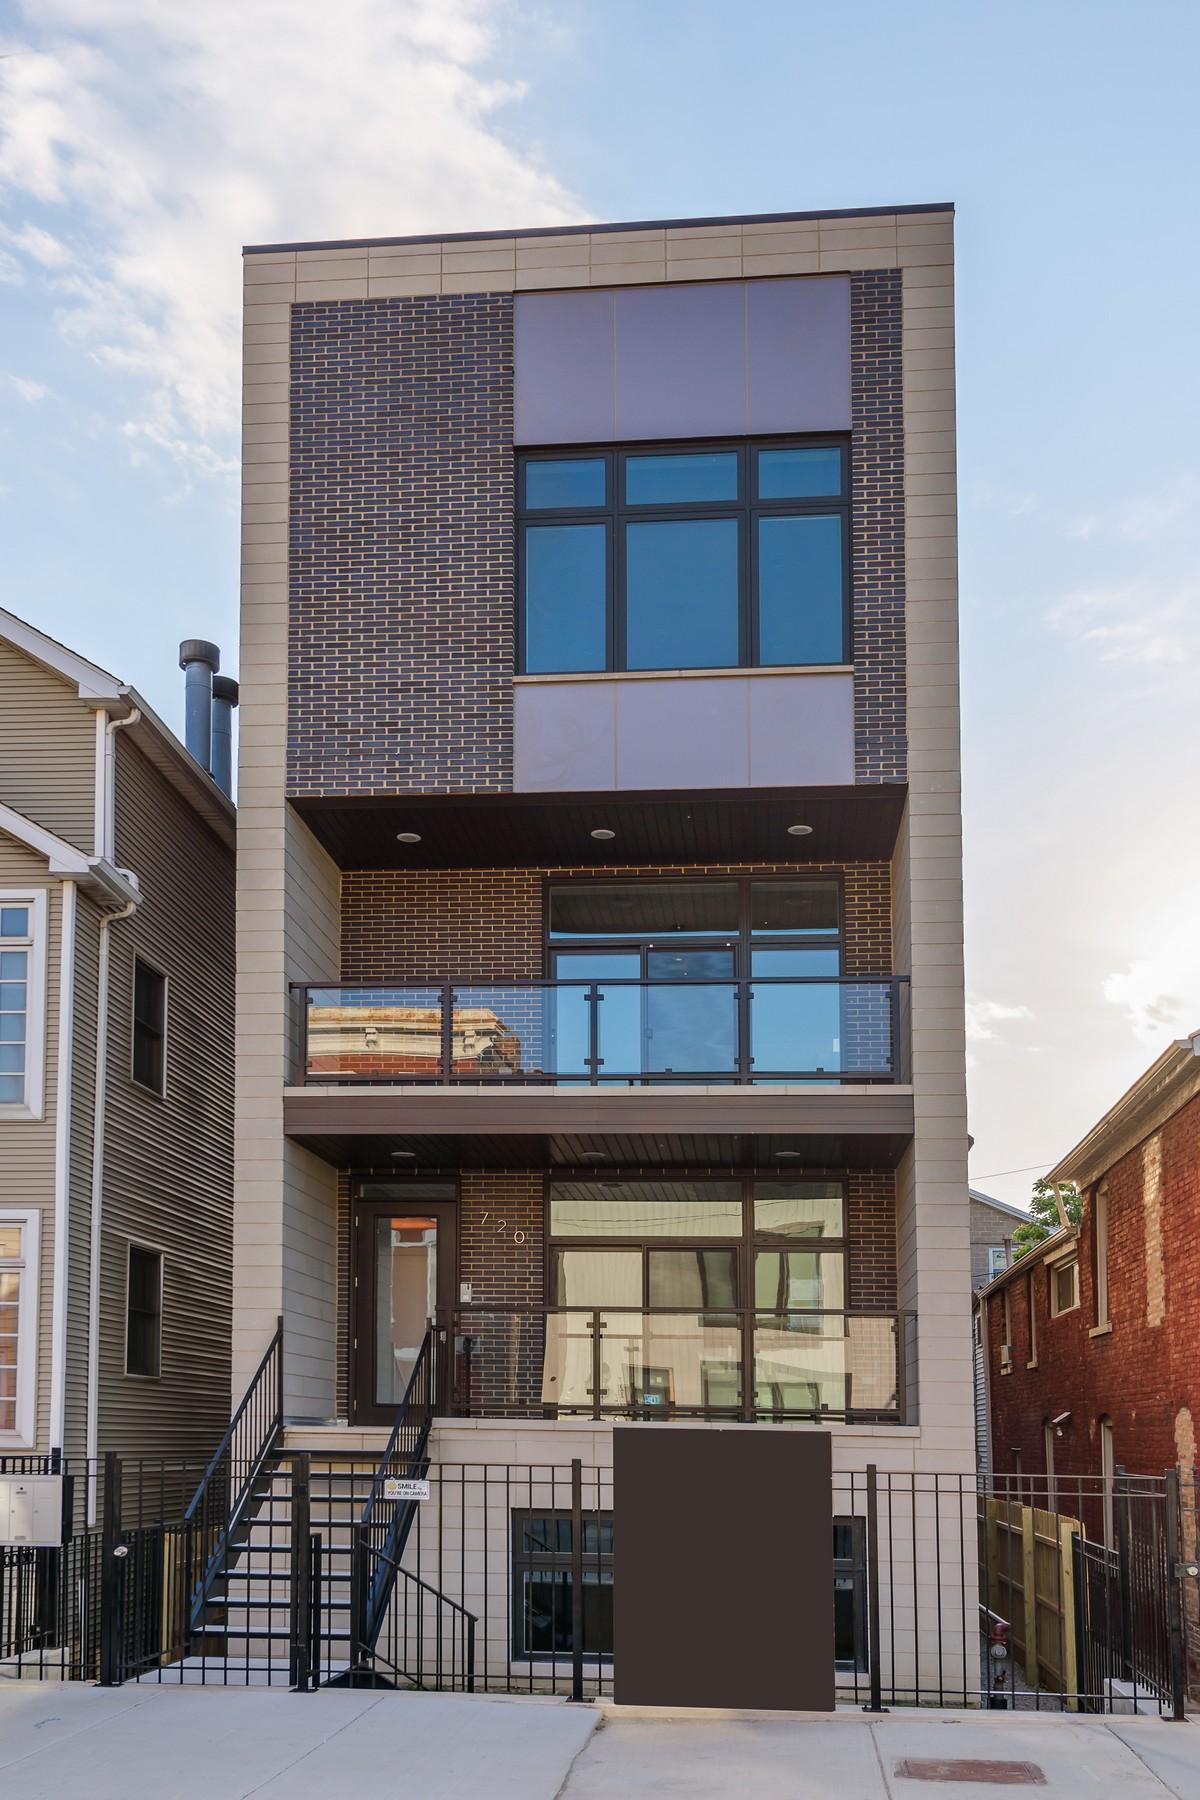 共管物業 為 出售 在 Fantastic Noble Square Location 720 N. Willard Court, Unit 1 West Town, Chicago, 伊利諾斯州, 60642 美國